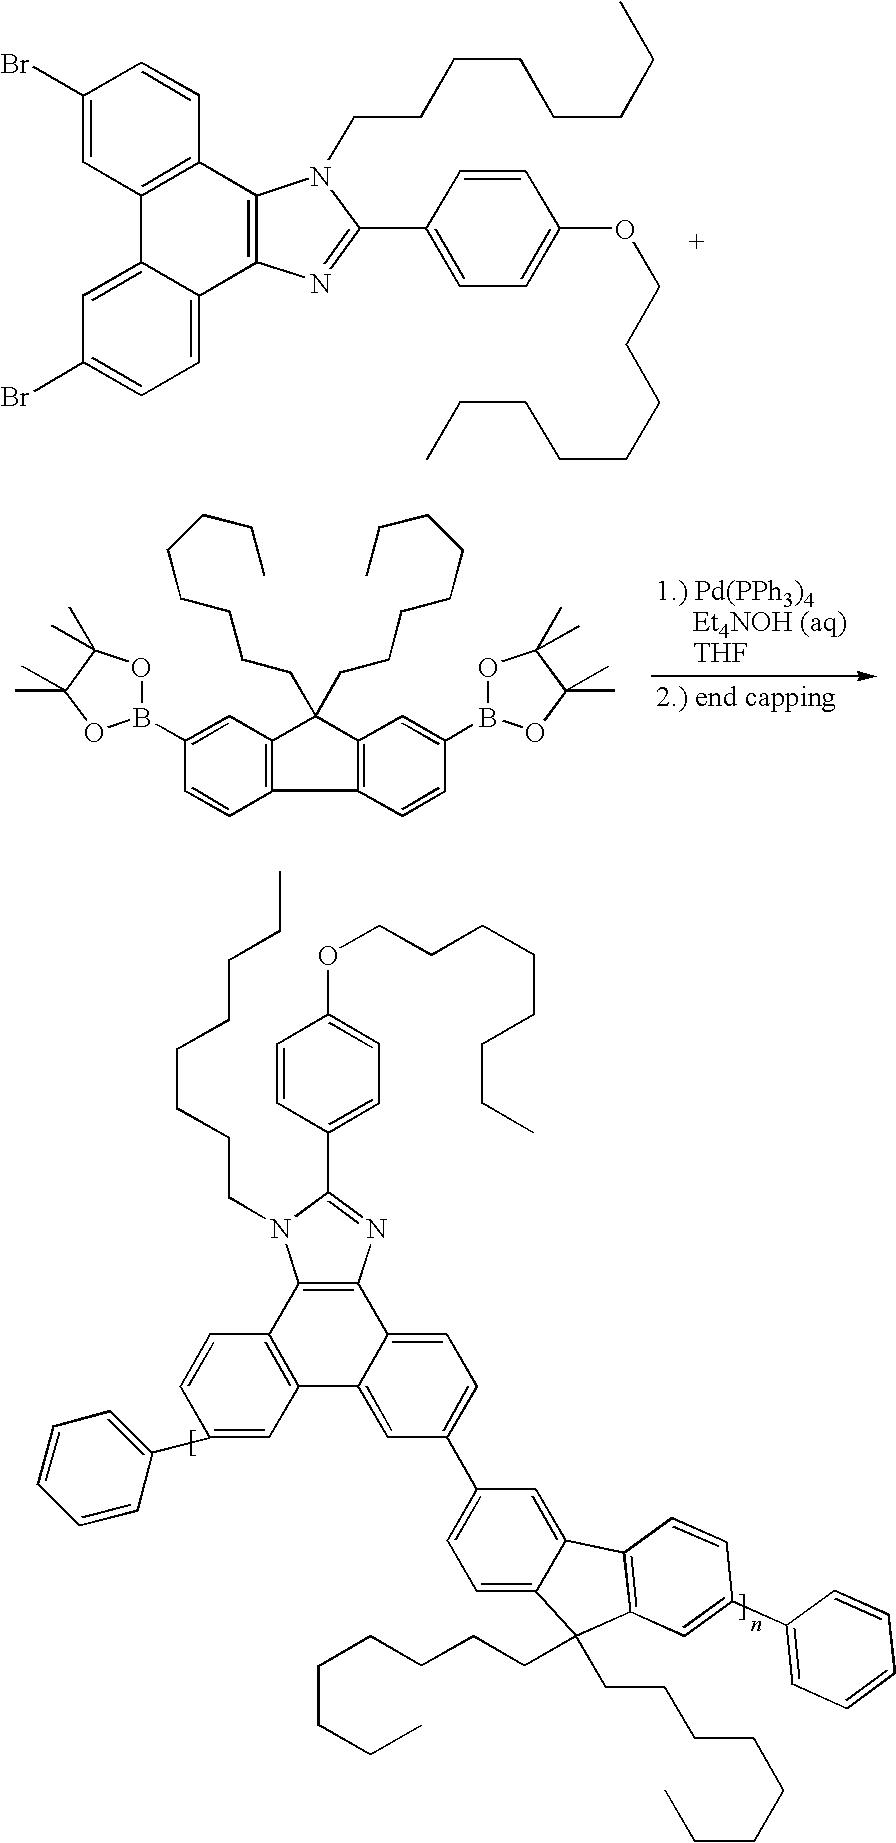 Figure US20090105447A1-20090423-C00117